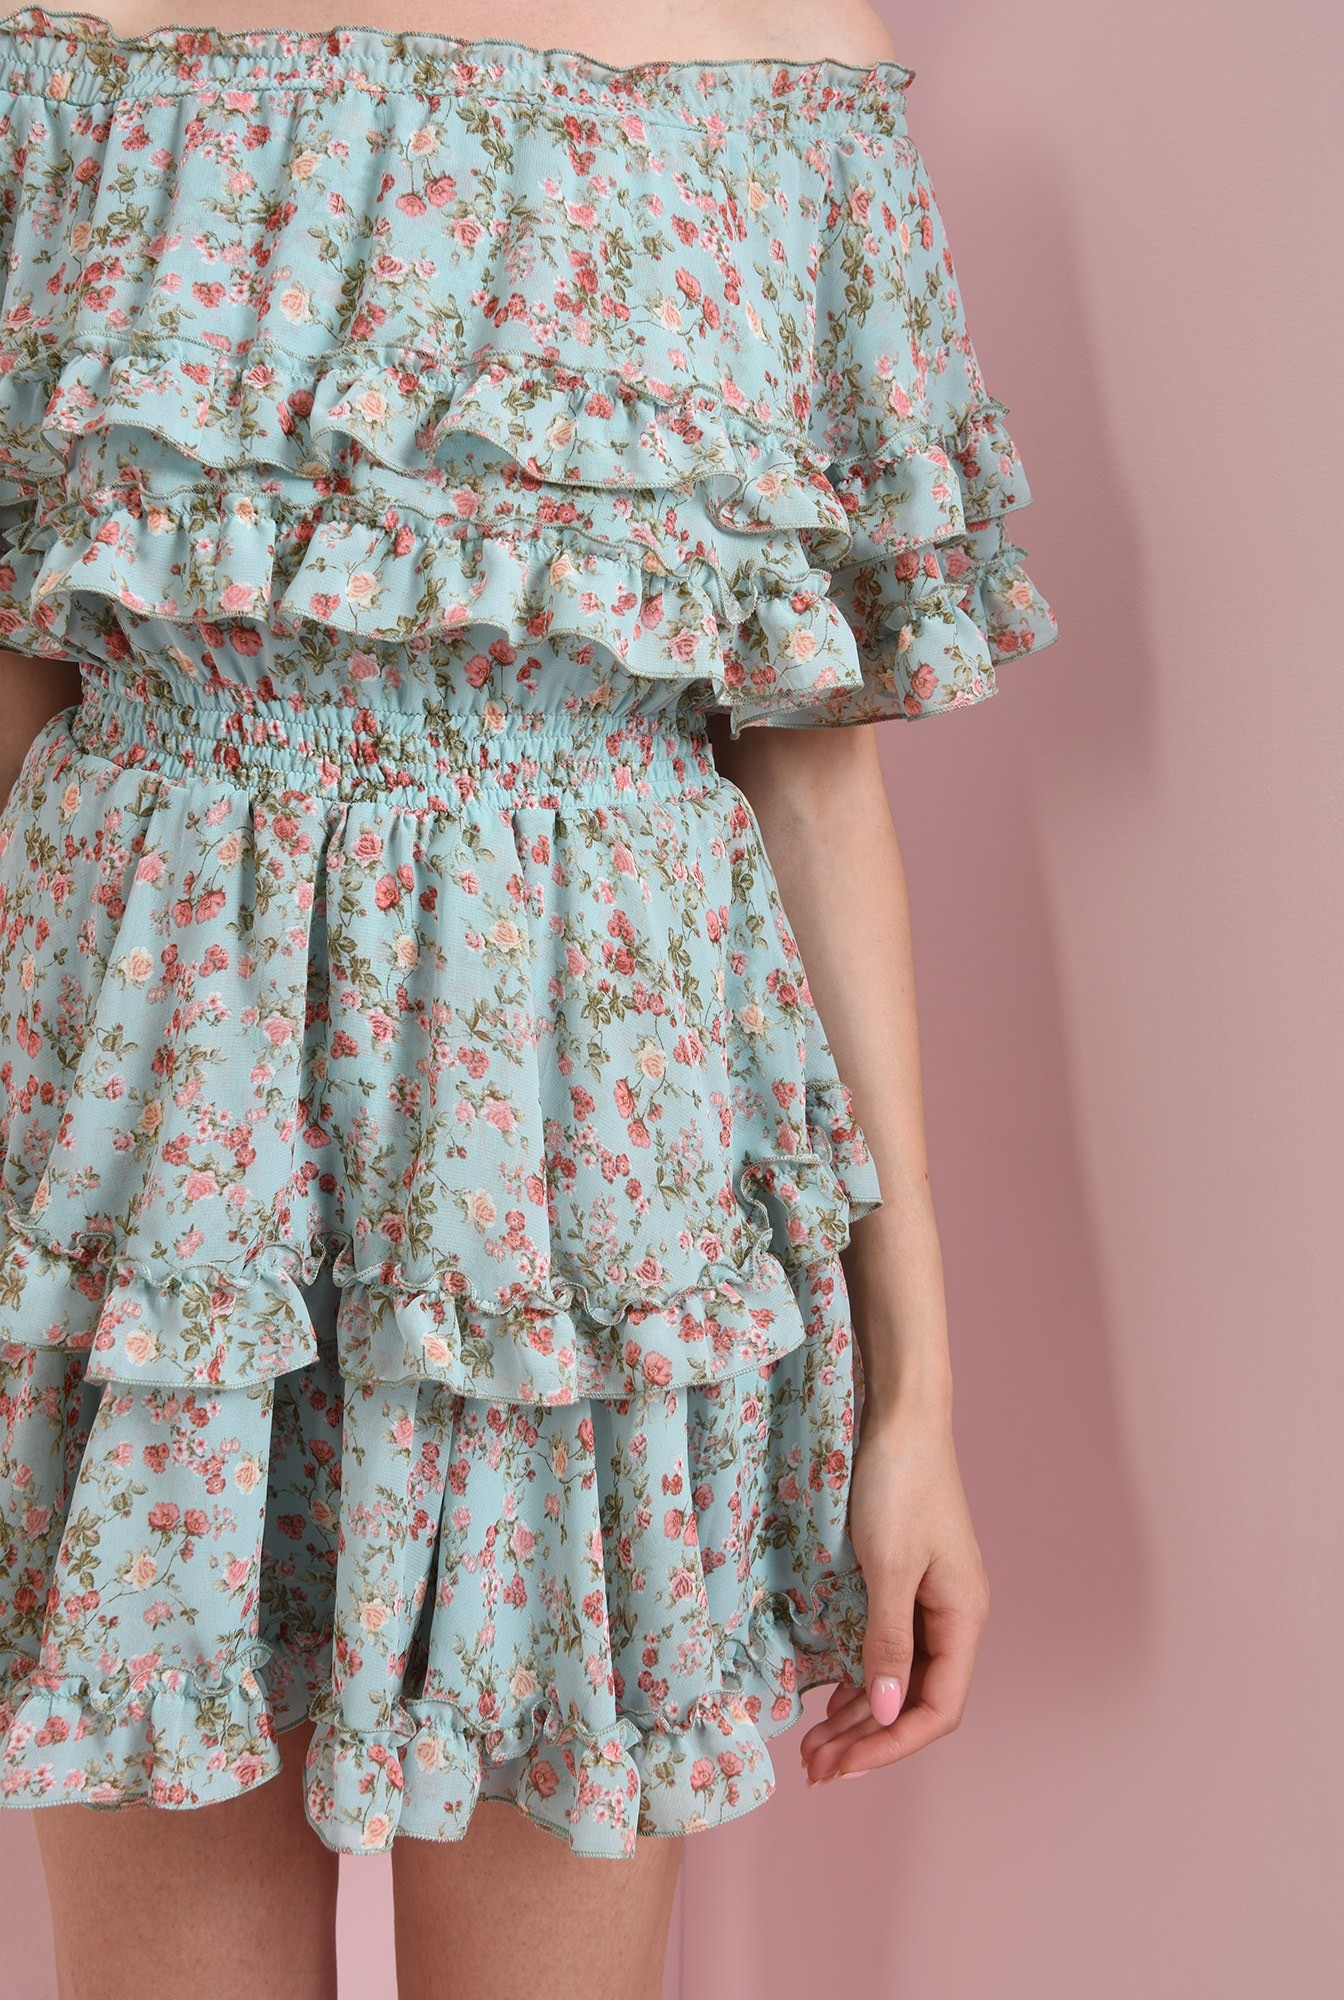 2 - rochie cu imprimeu floral, cu volane